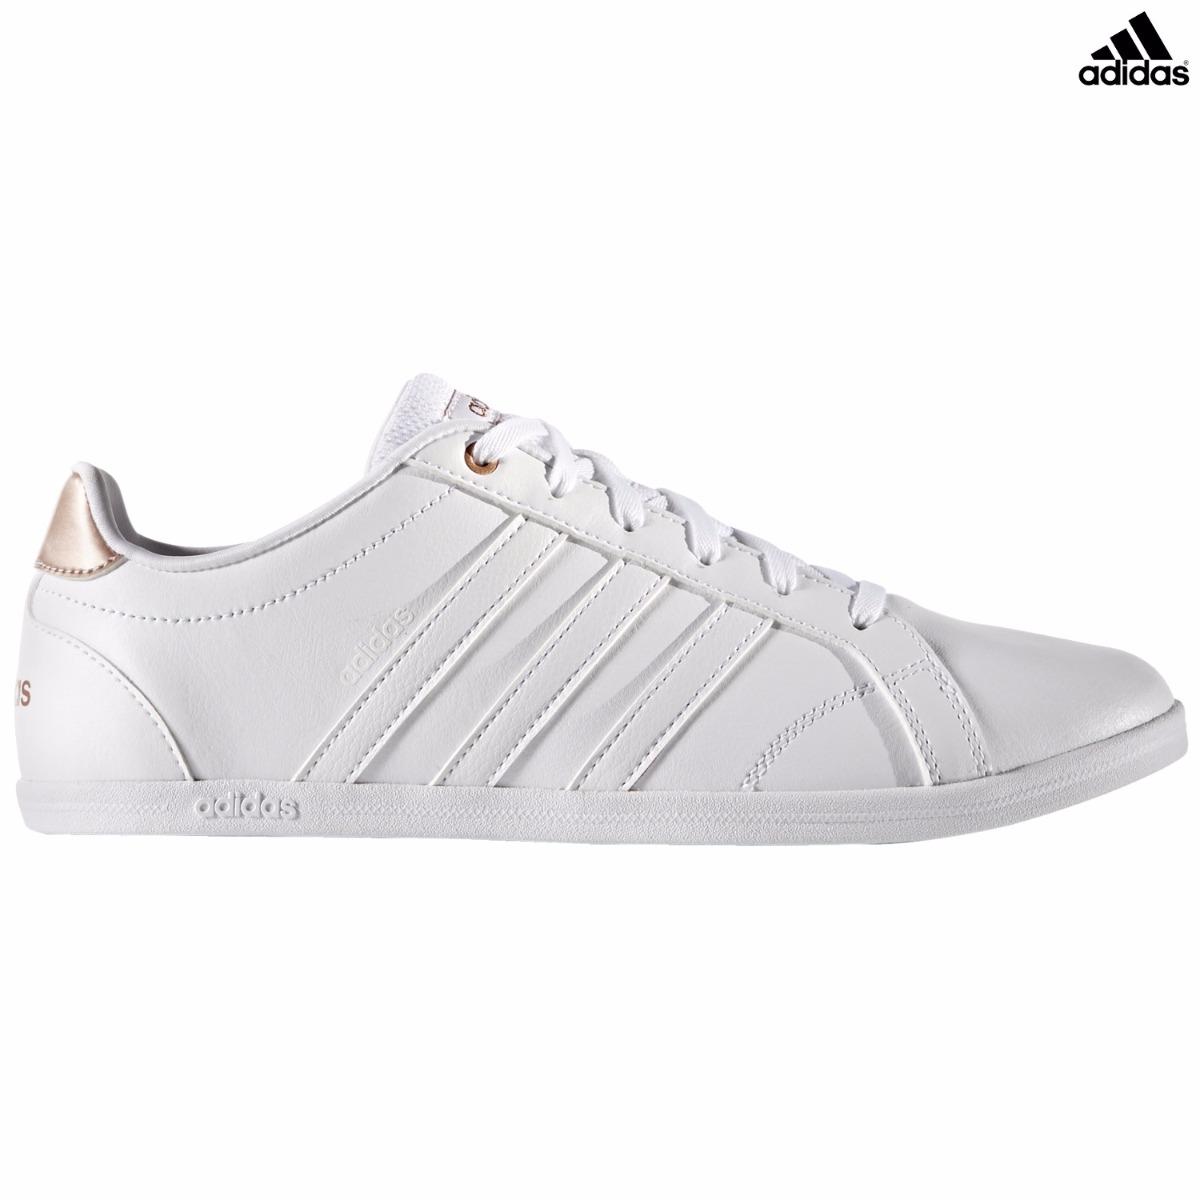 buty na tanie później sklep z wyprzedażami adidas Ceneo QT Women's Shoes | Casual